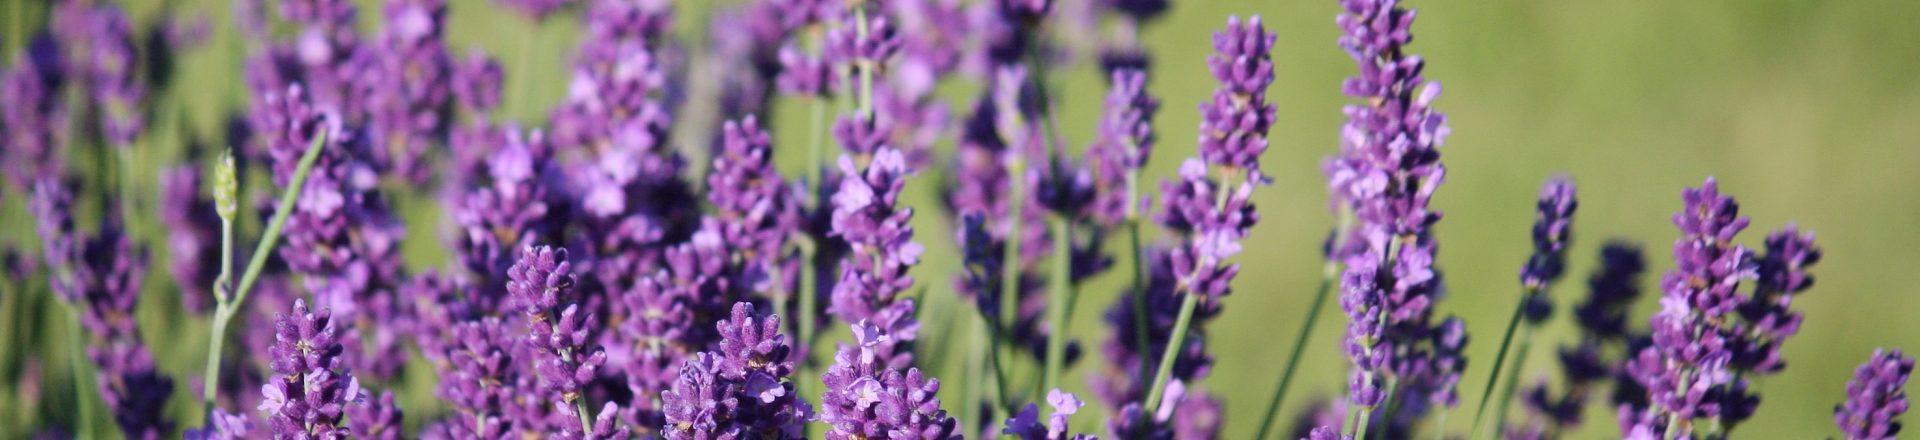 5 ingrediënten die beter niet in je schoonheidsproducten zitten